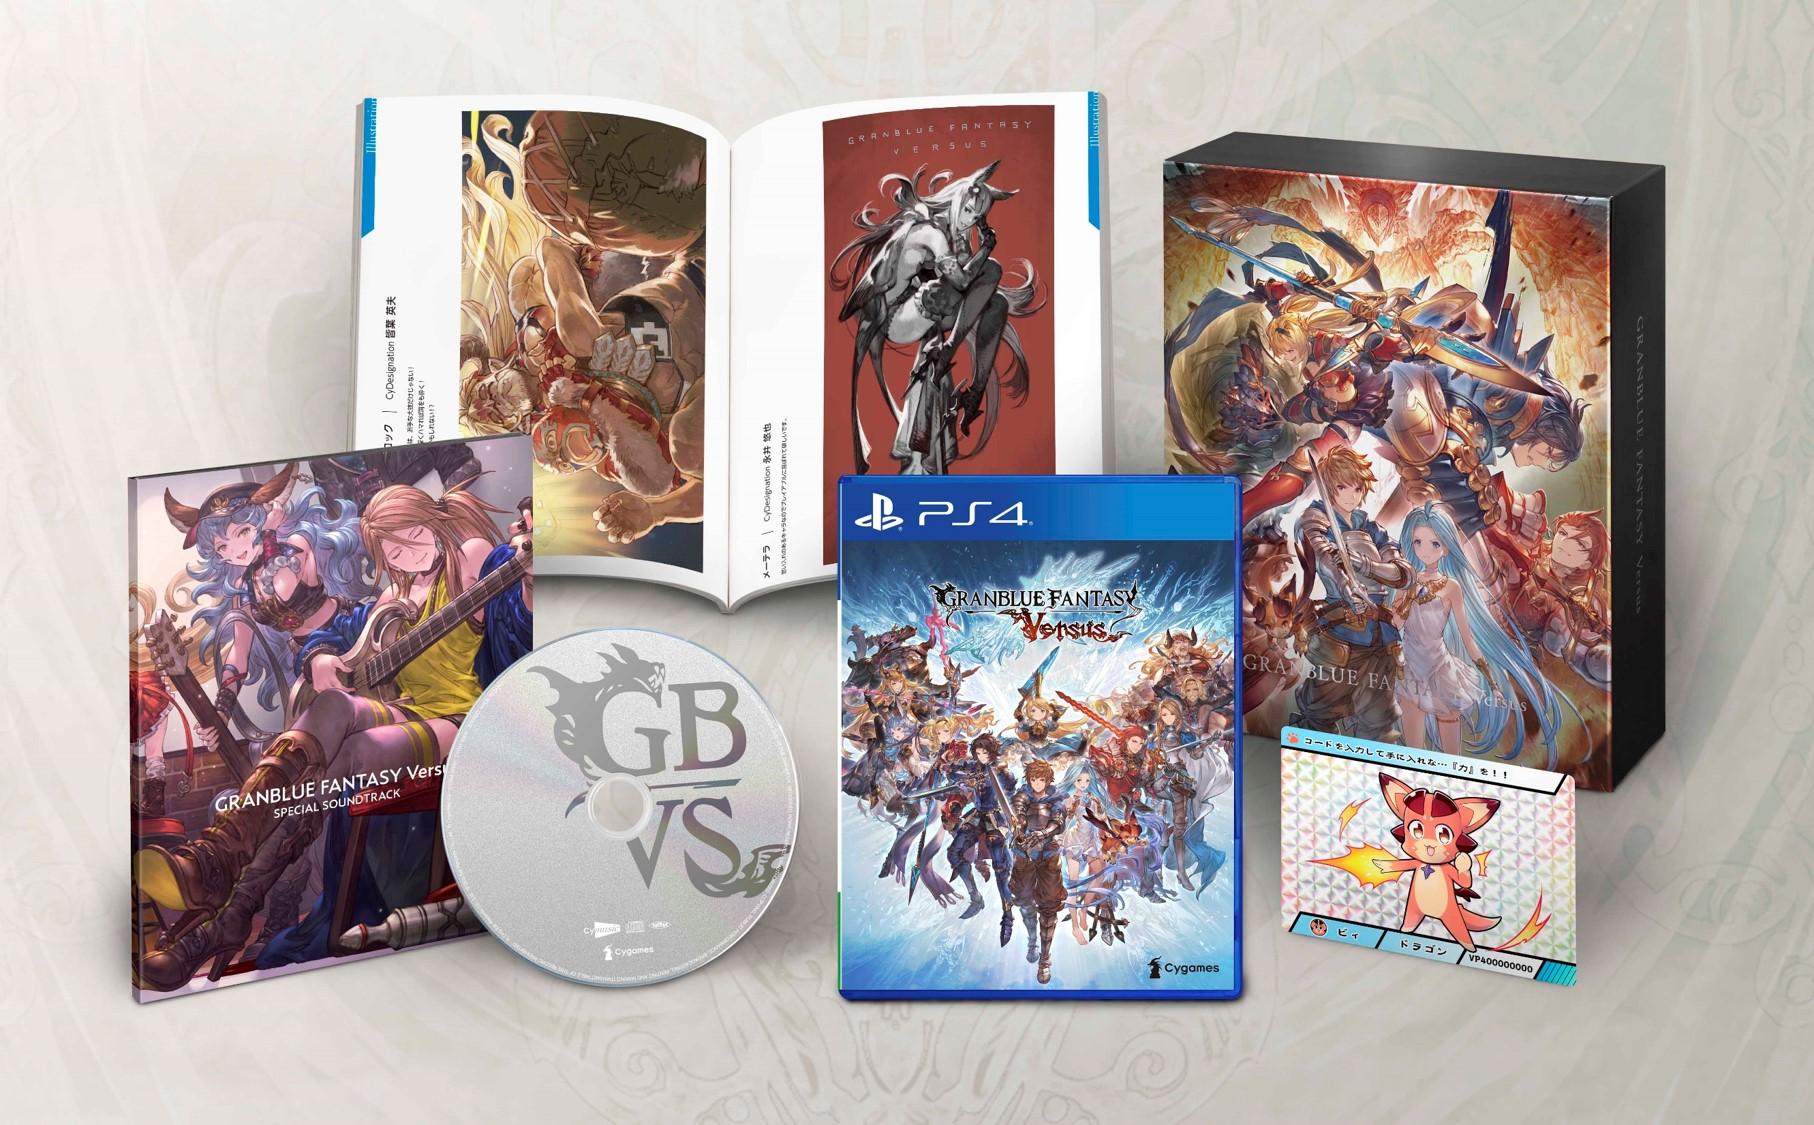 《碧蓝幻想 Versus》确定将发售亚洲地区限定版